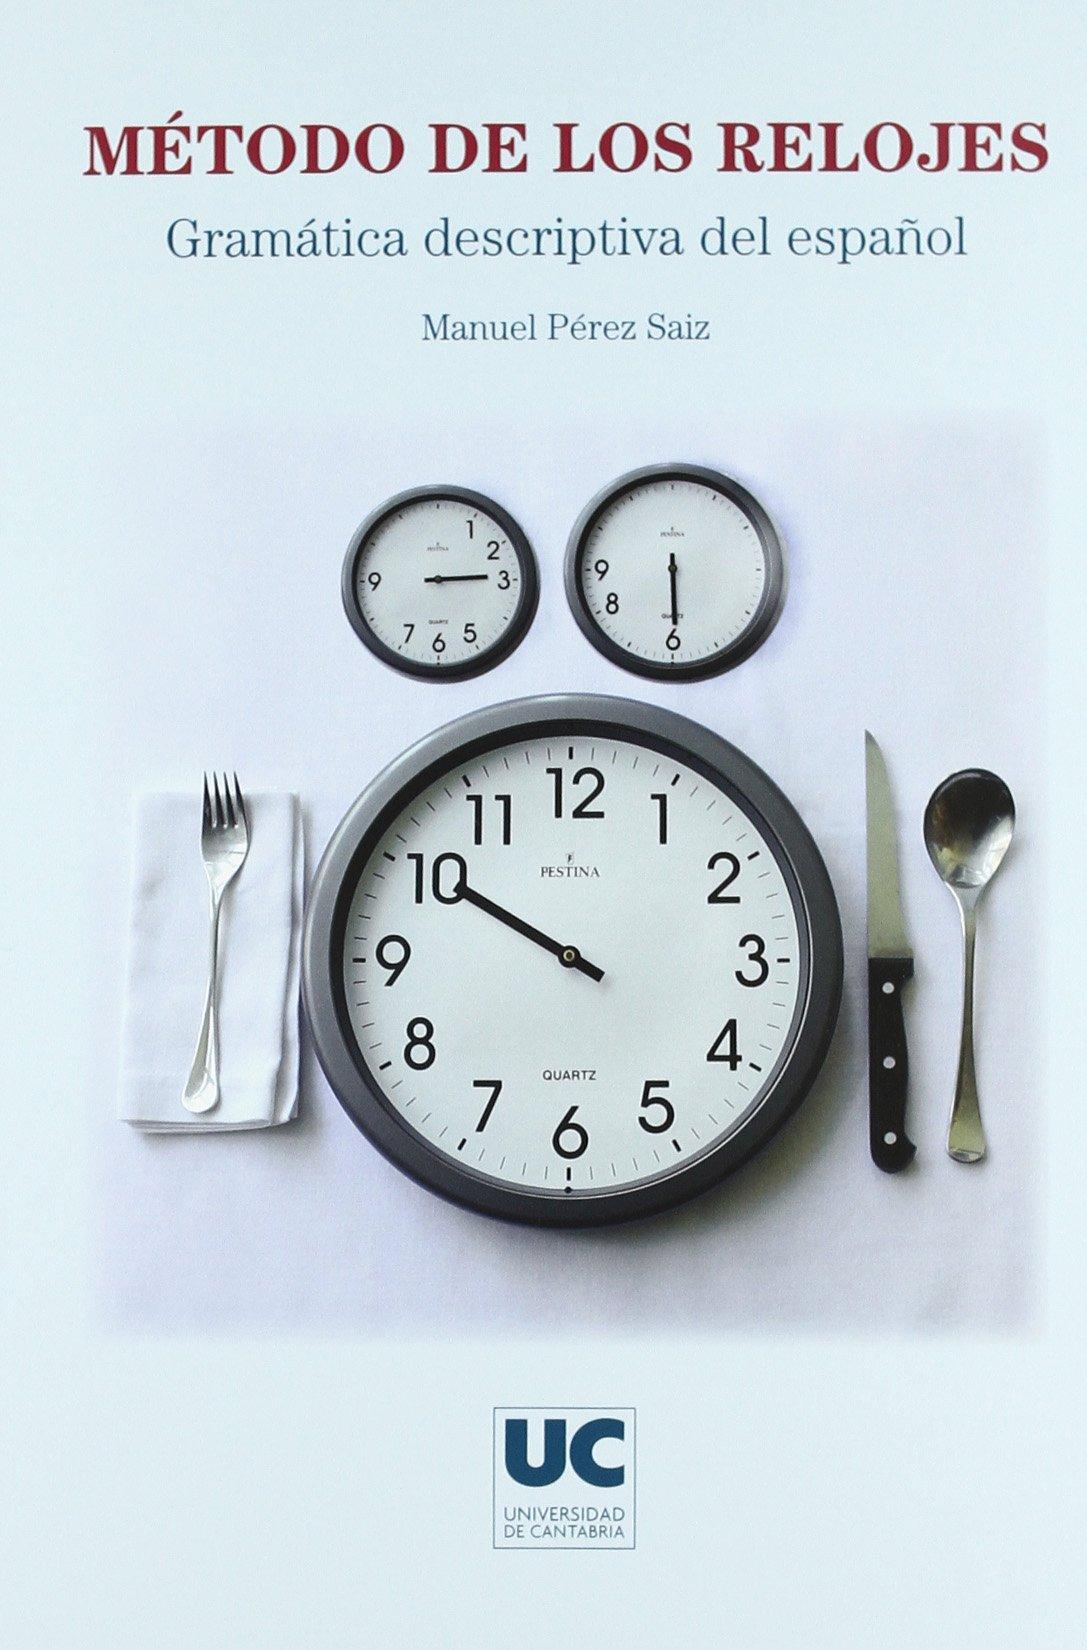 Método de los relojes: gramática descriptiva del español (Spanish) Hardcover – August 1, 2009